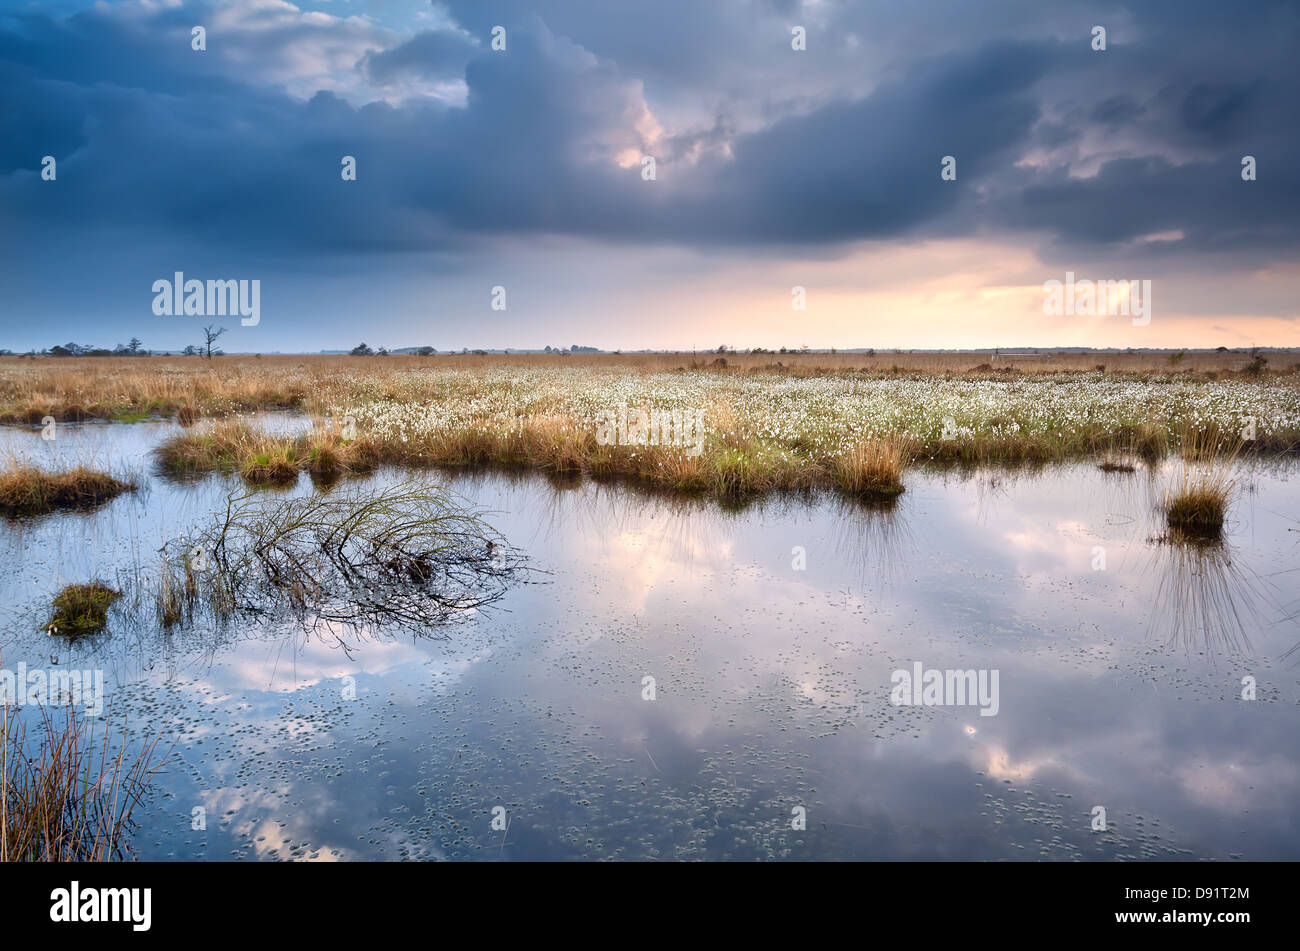 Marécage à cottograss avec sky avant le coucher du soleil Photo Stock